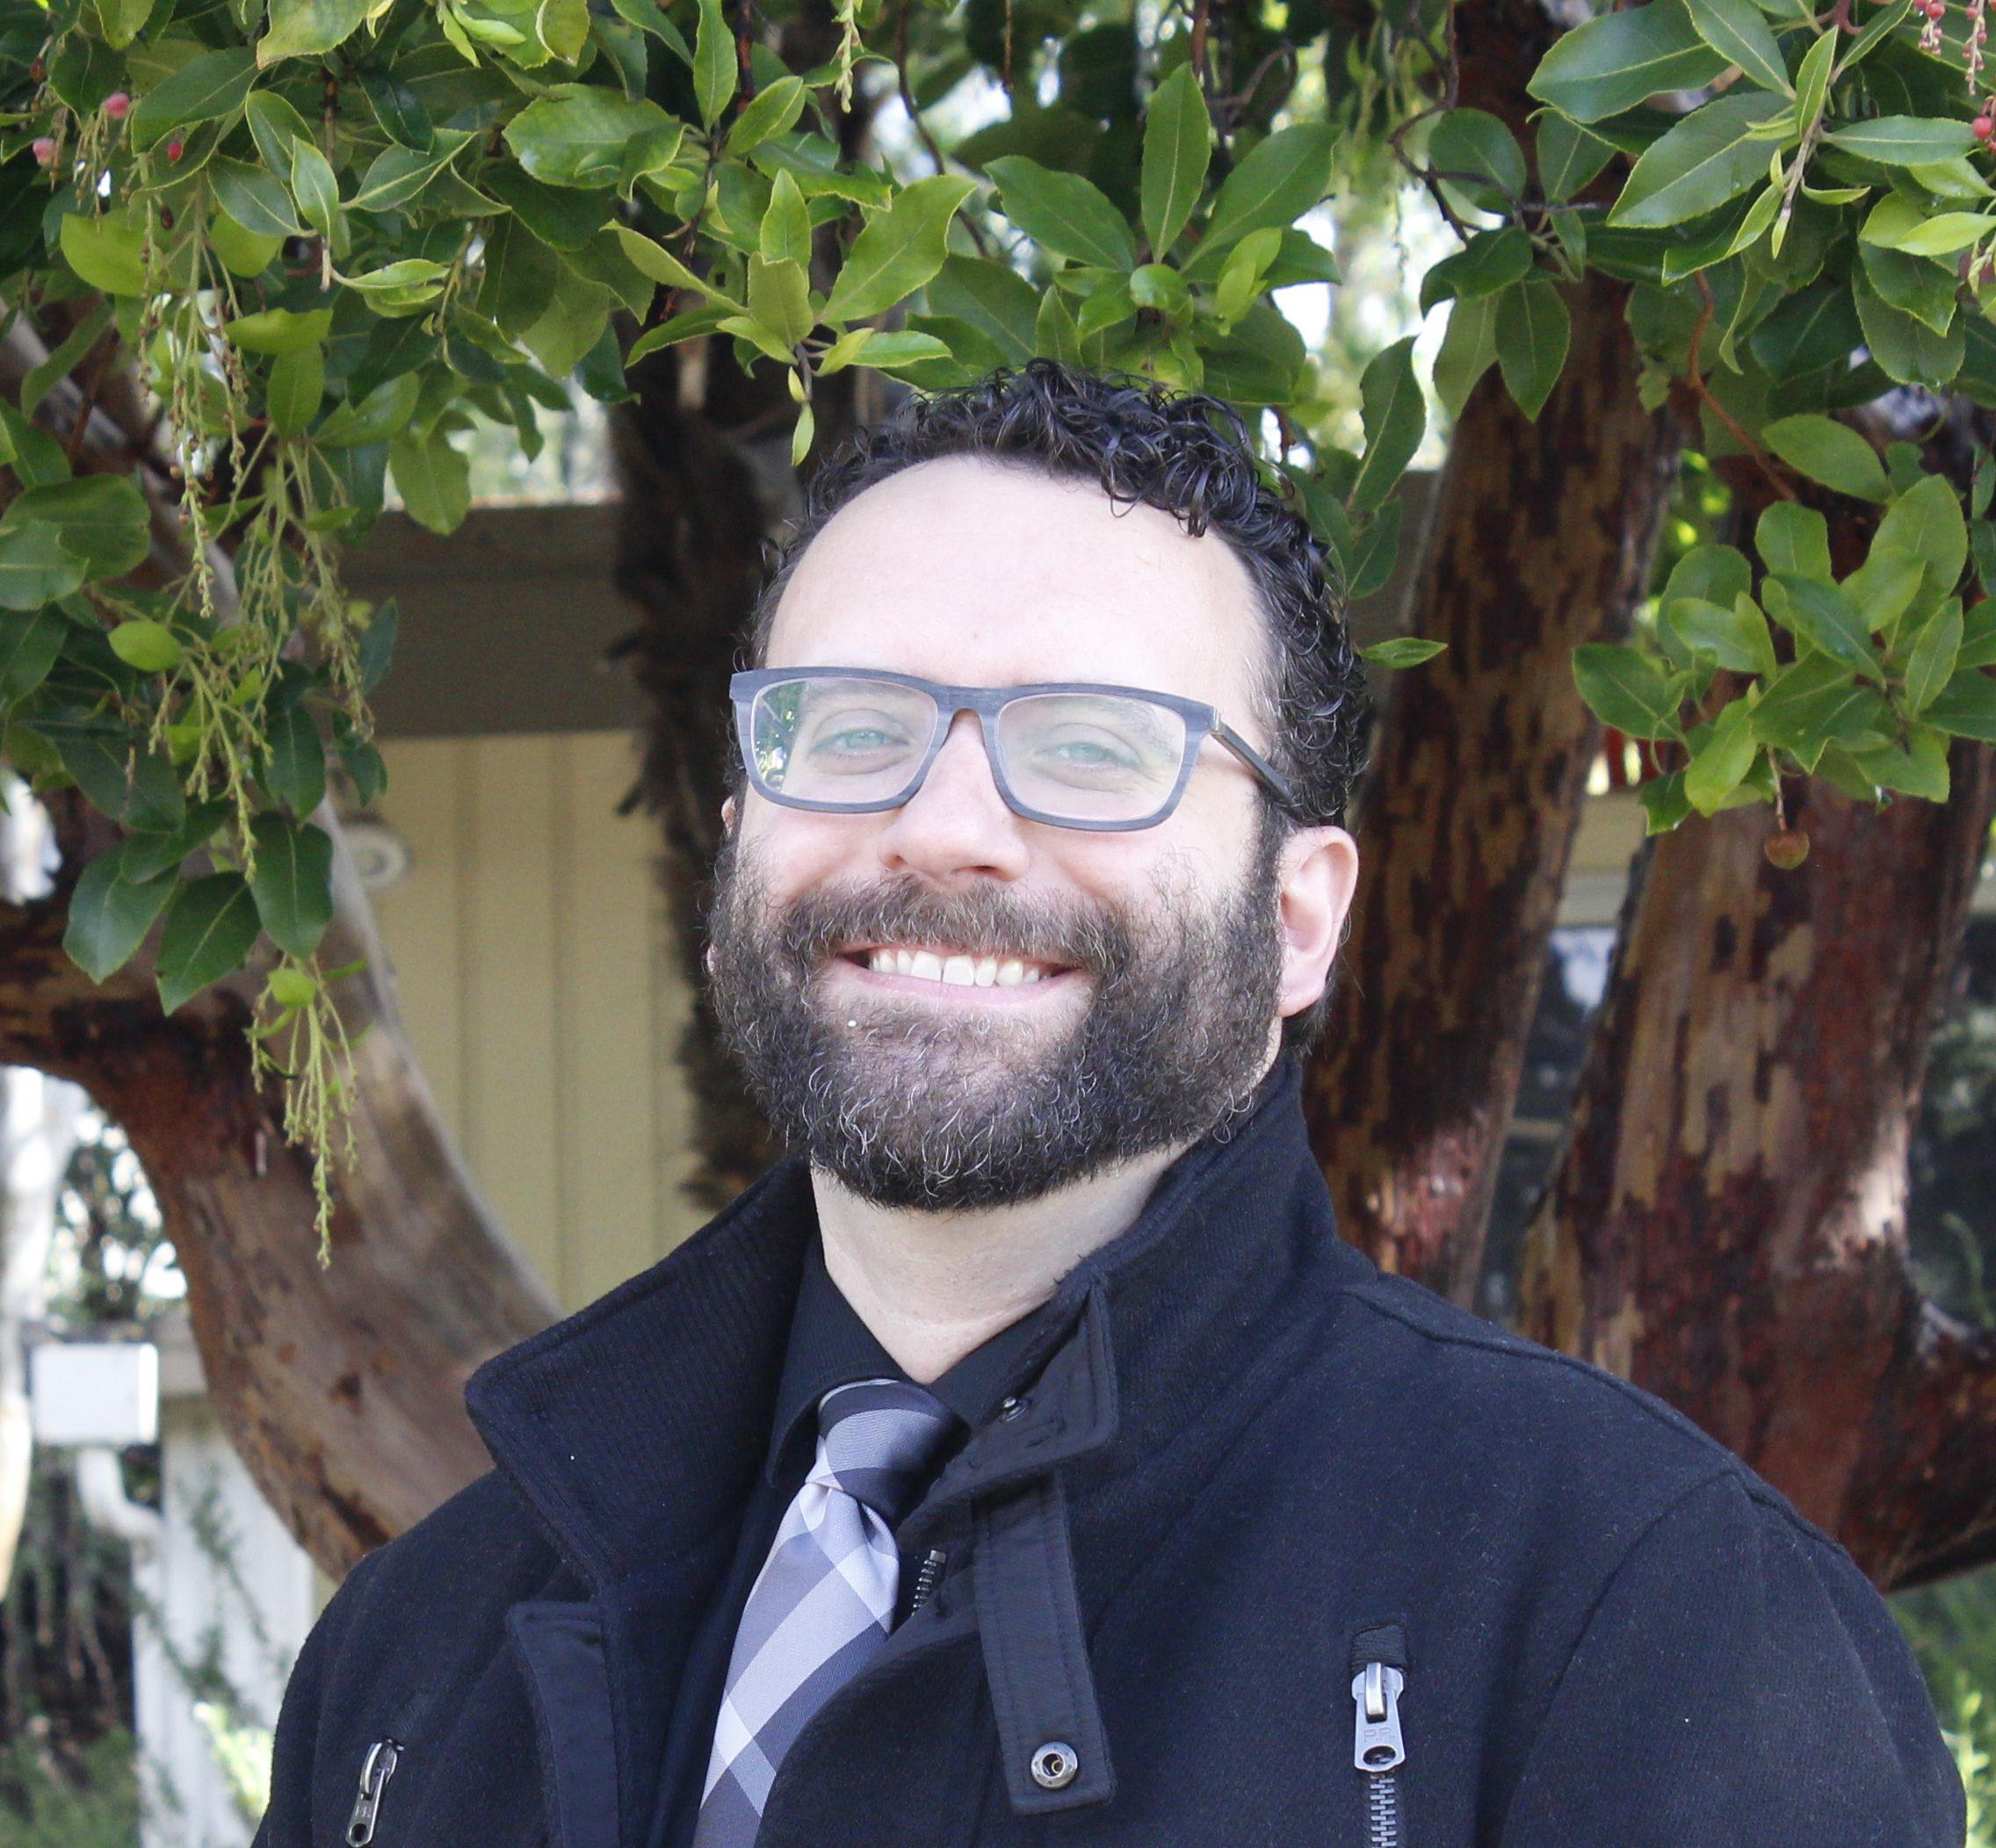 Jason Mockford